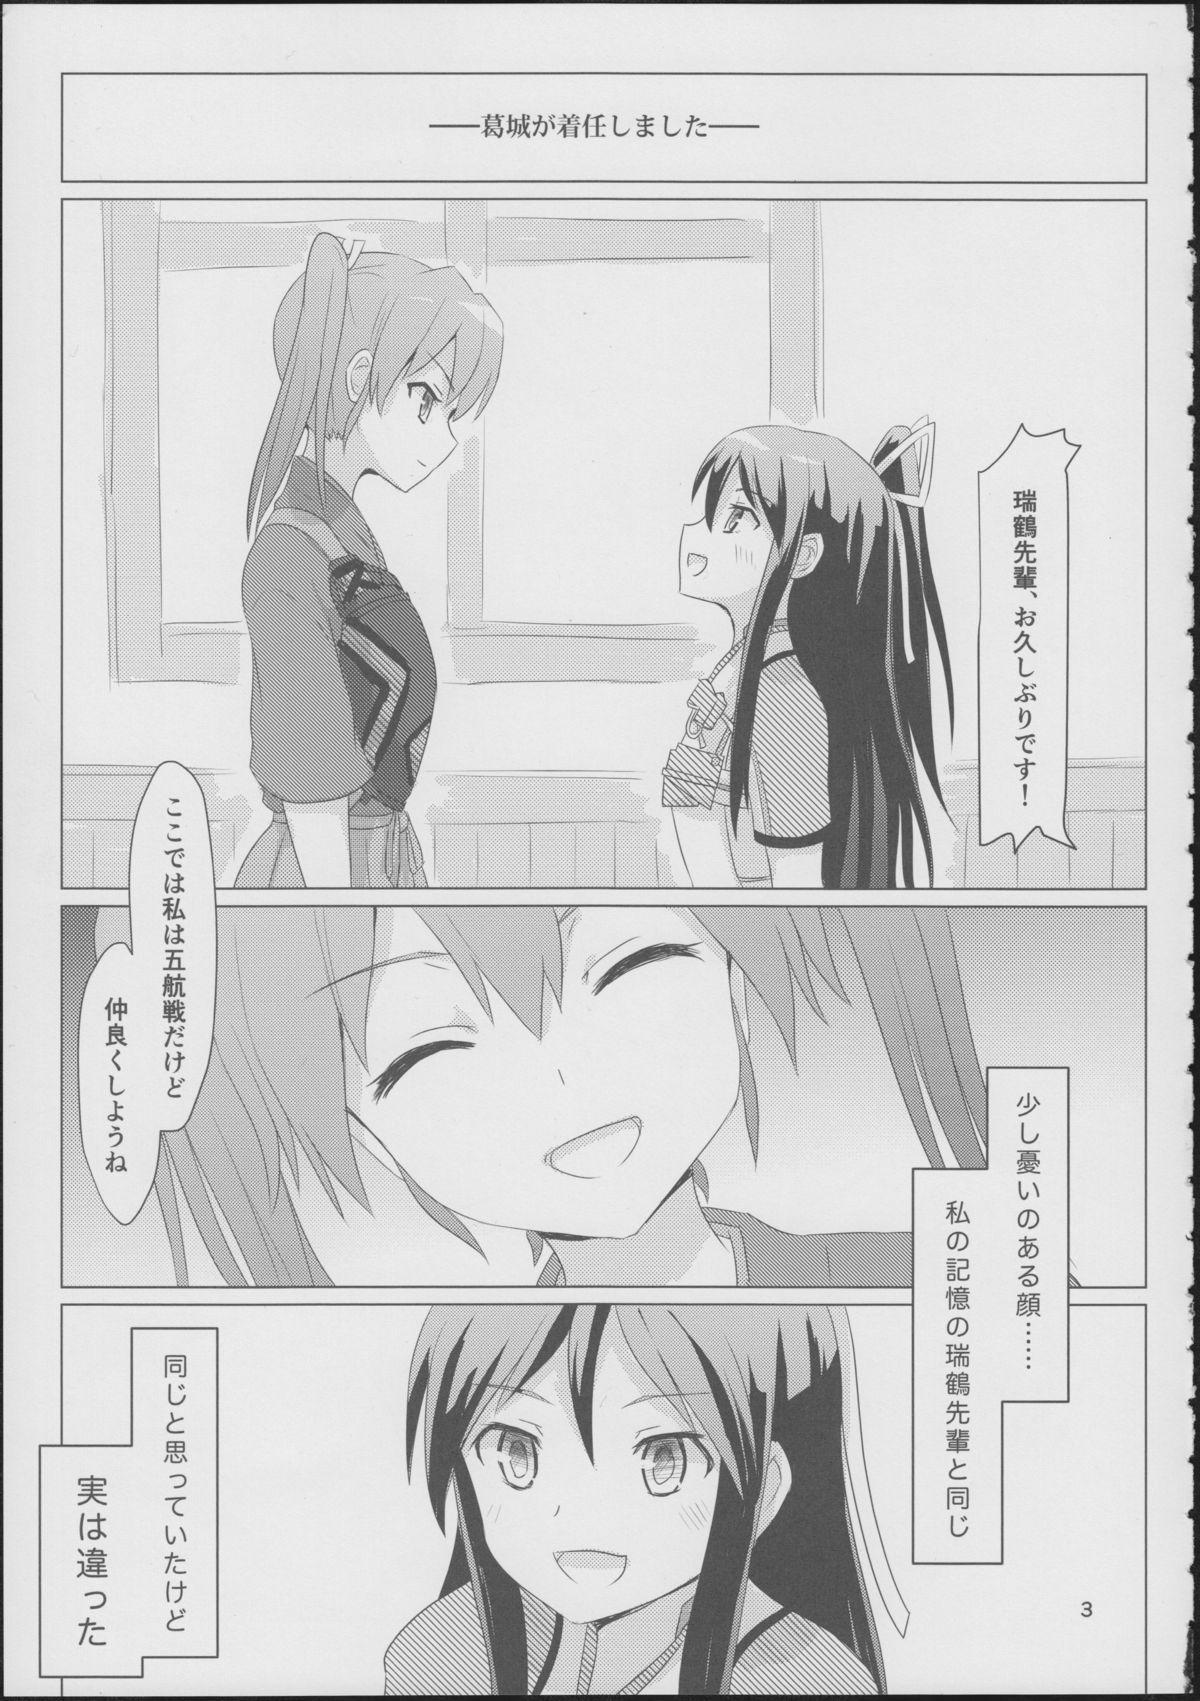 Katsuragi to Zuikaku to 1